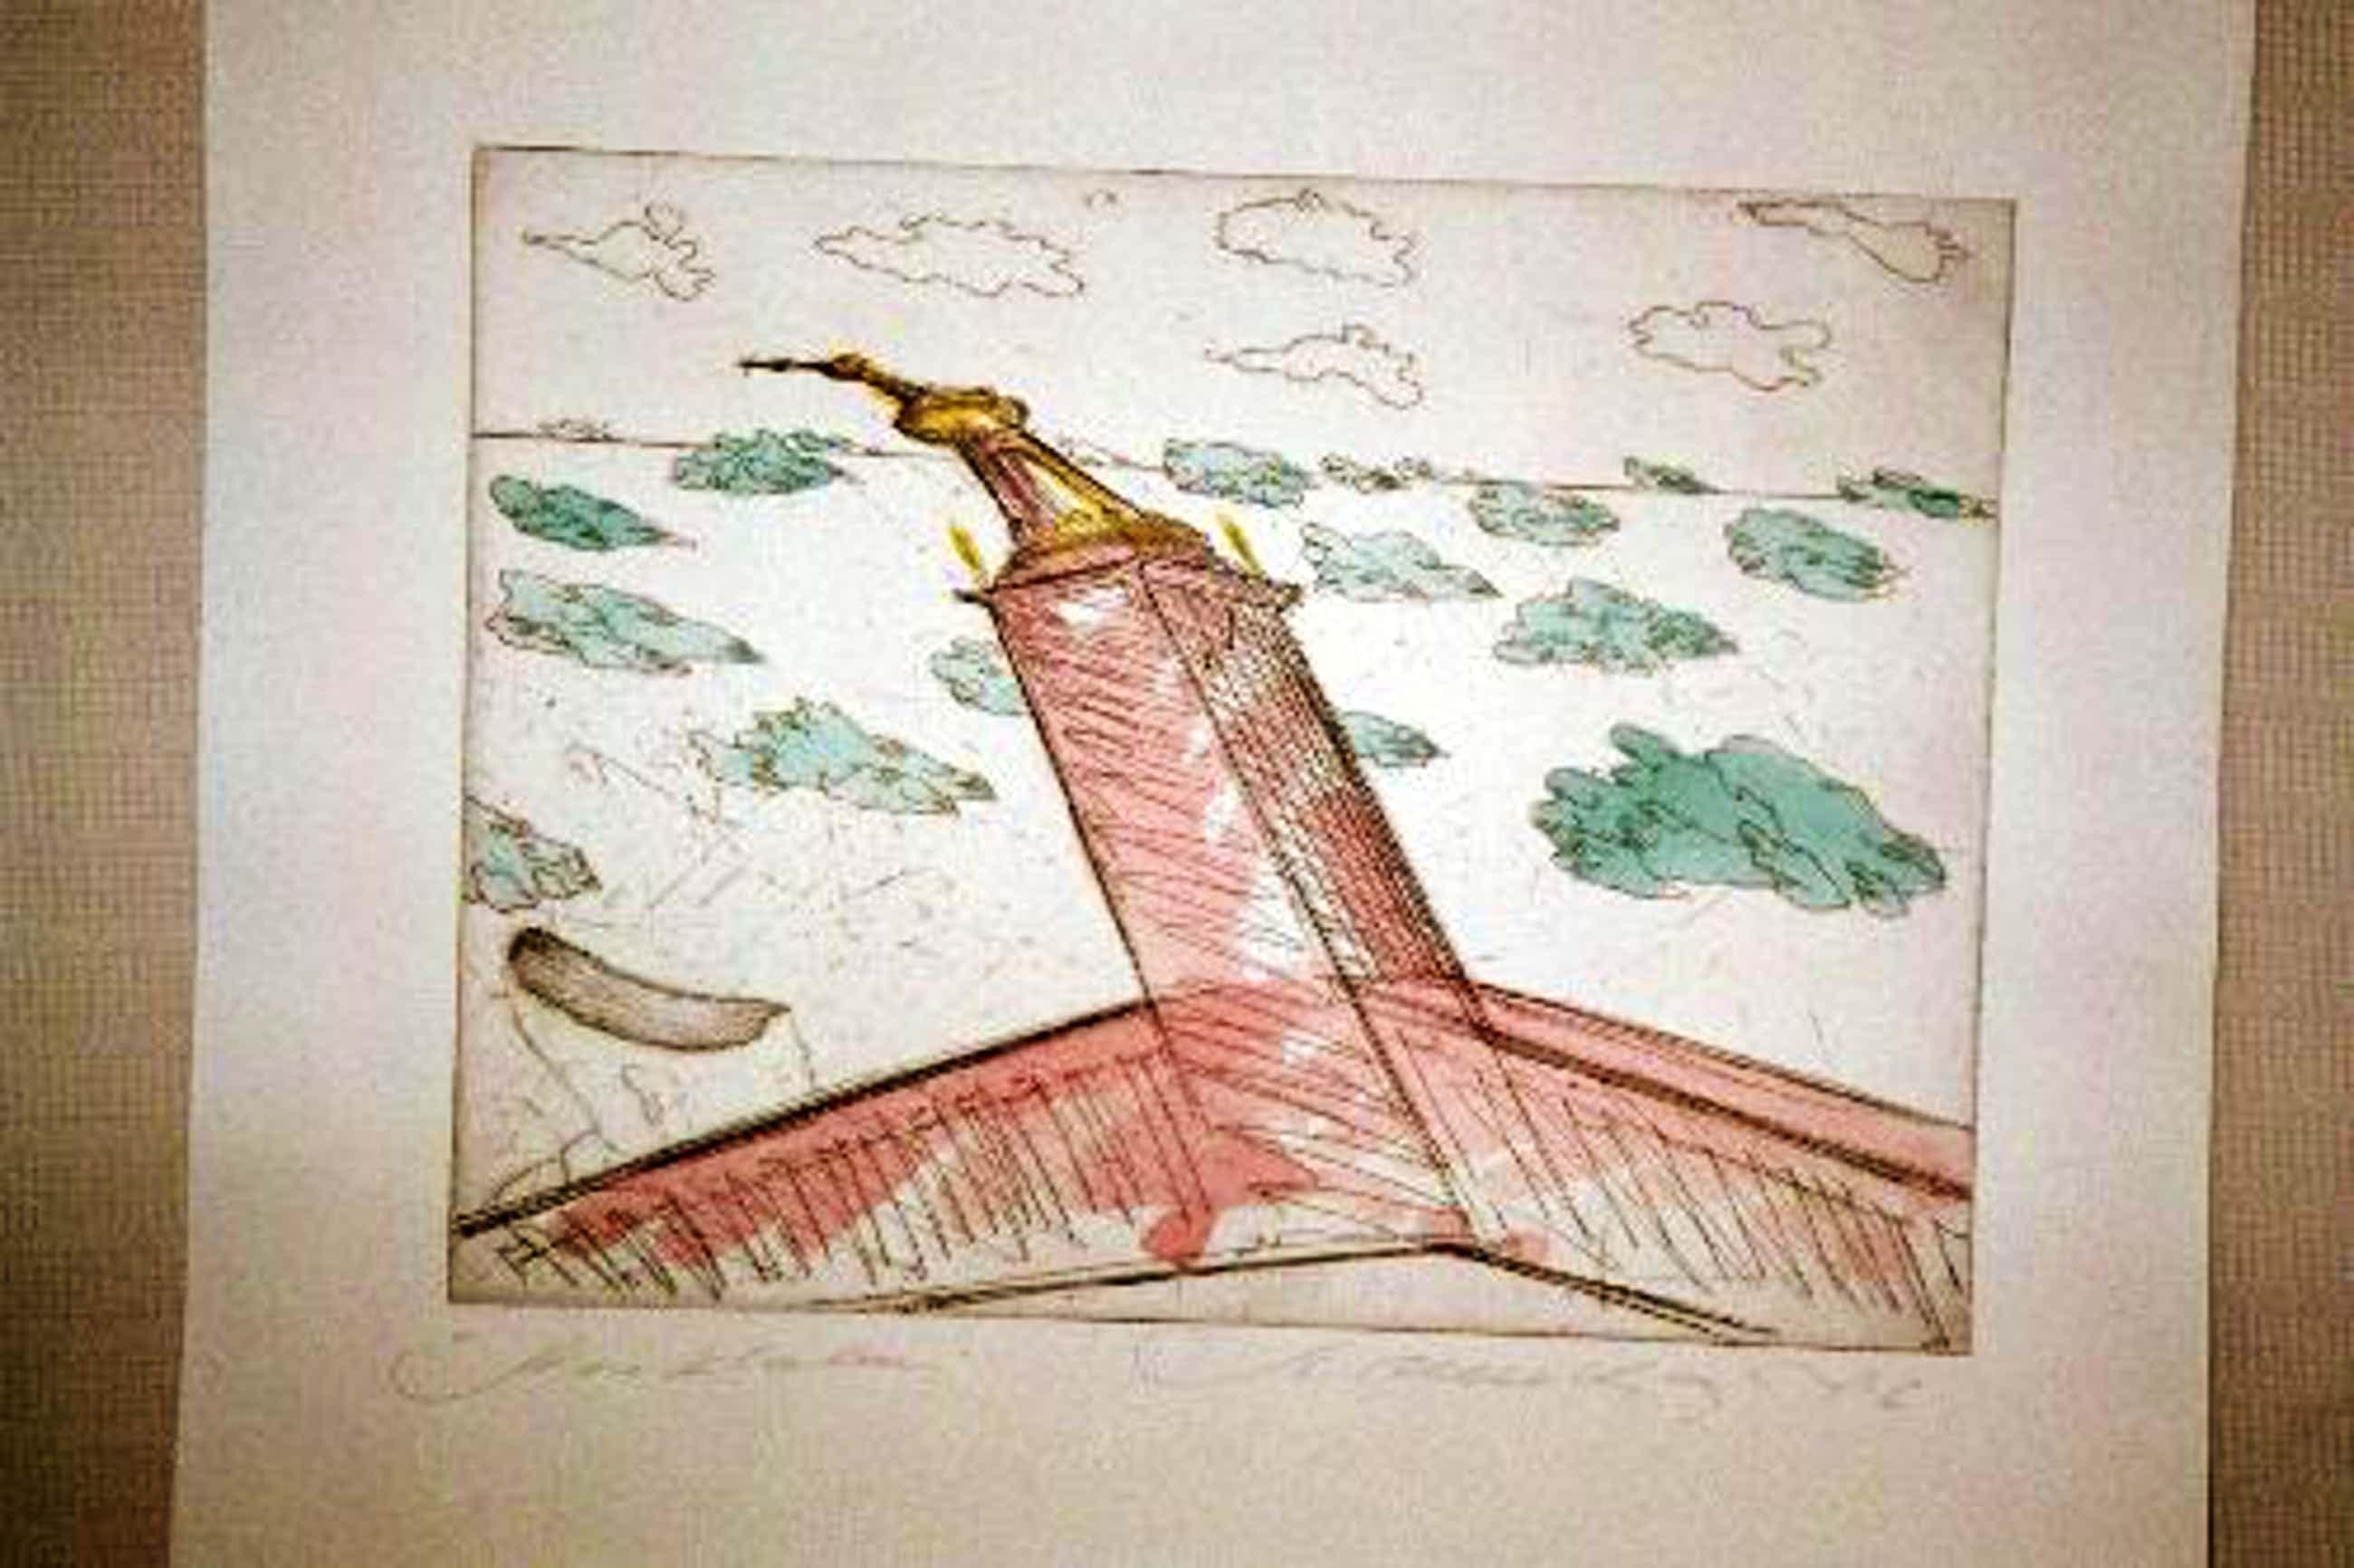 Stefan Wewerka - Aquarell auf Radierung, handsigniert, 1976 kopen? Bied vanaf 290!